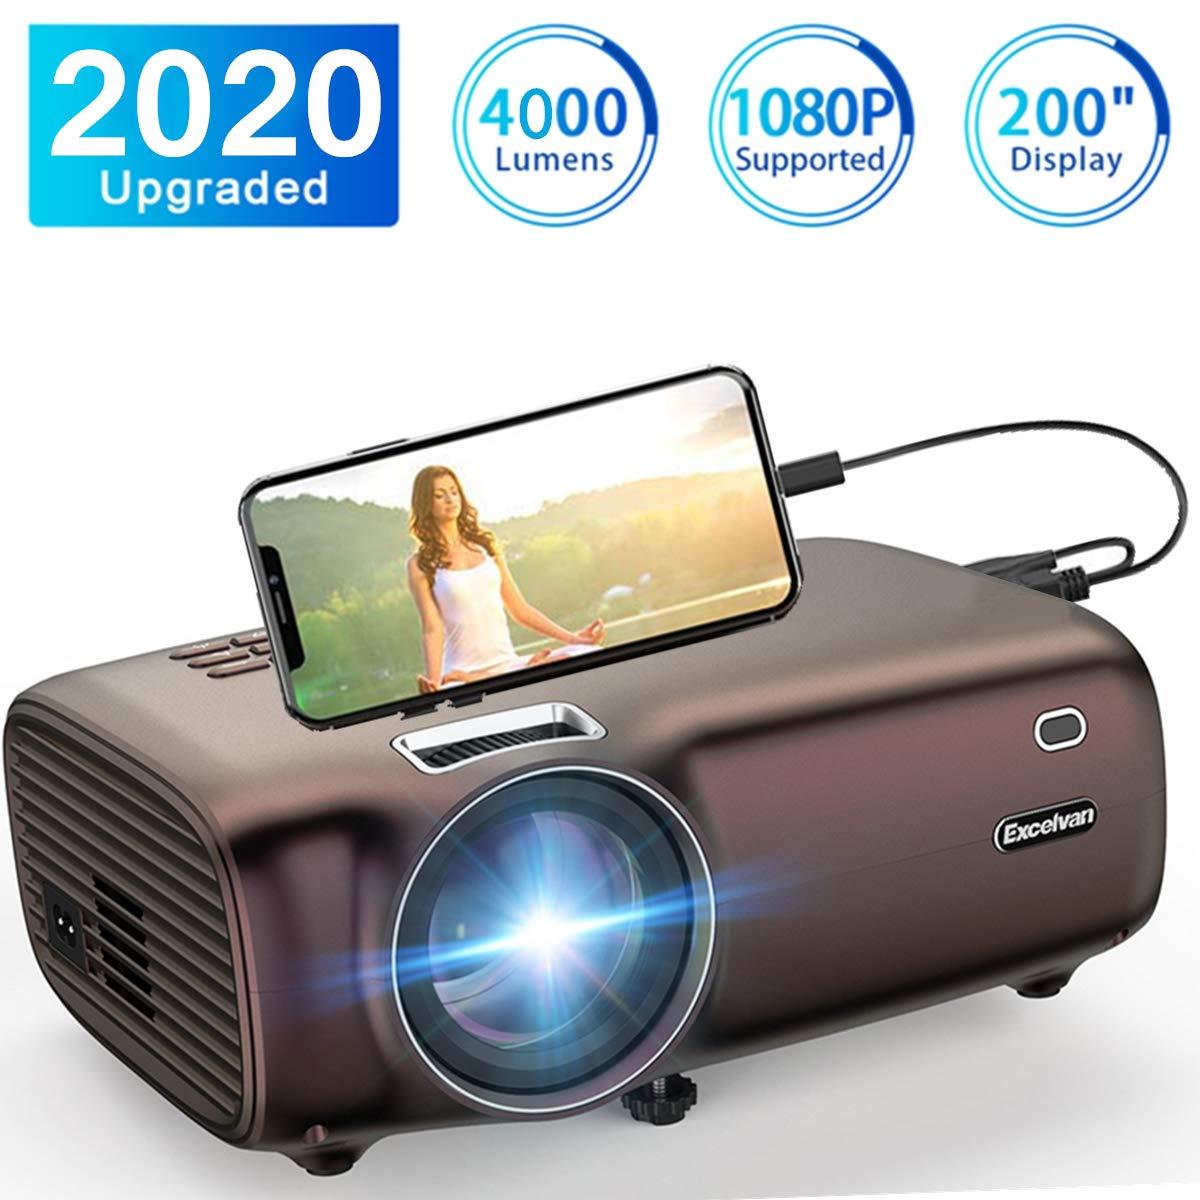 Proyector Excelvan, 1080P Proyector 4000 lúmenes Proyector Mini HD para Entretenimiento en el hogar Conectar con computadora portátil TV Box Teléfono ...